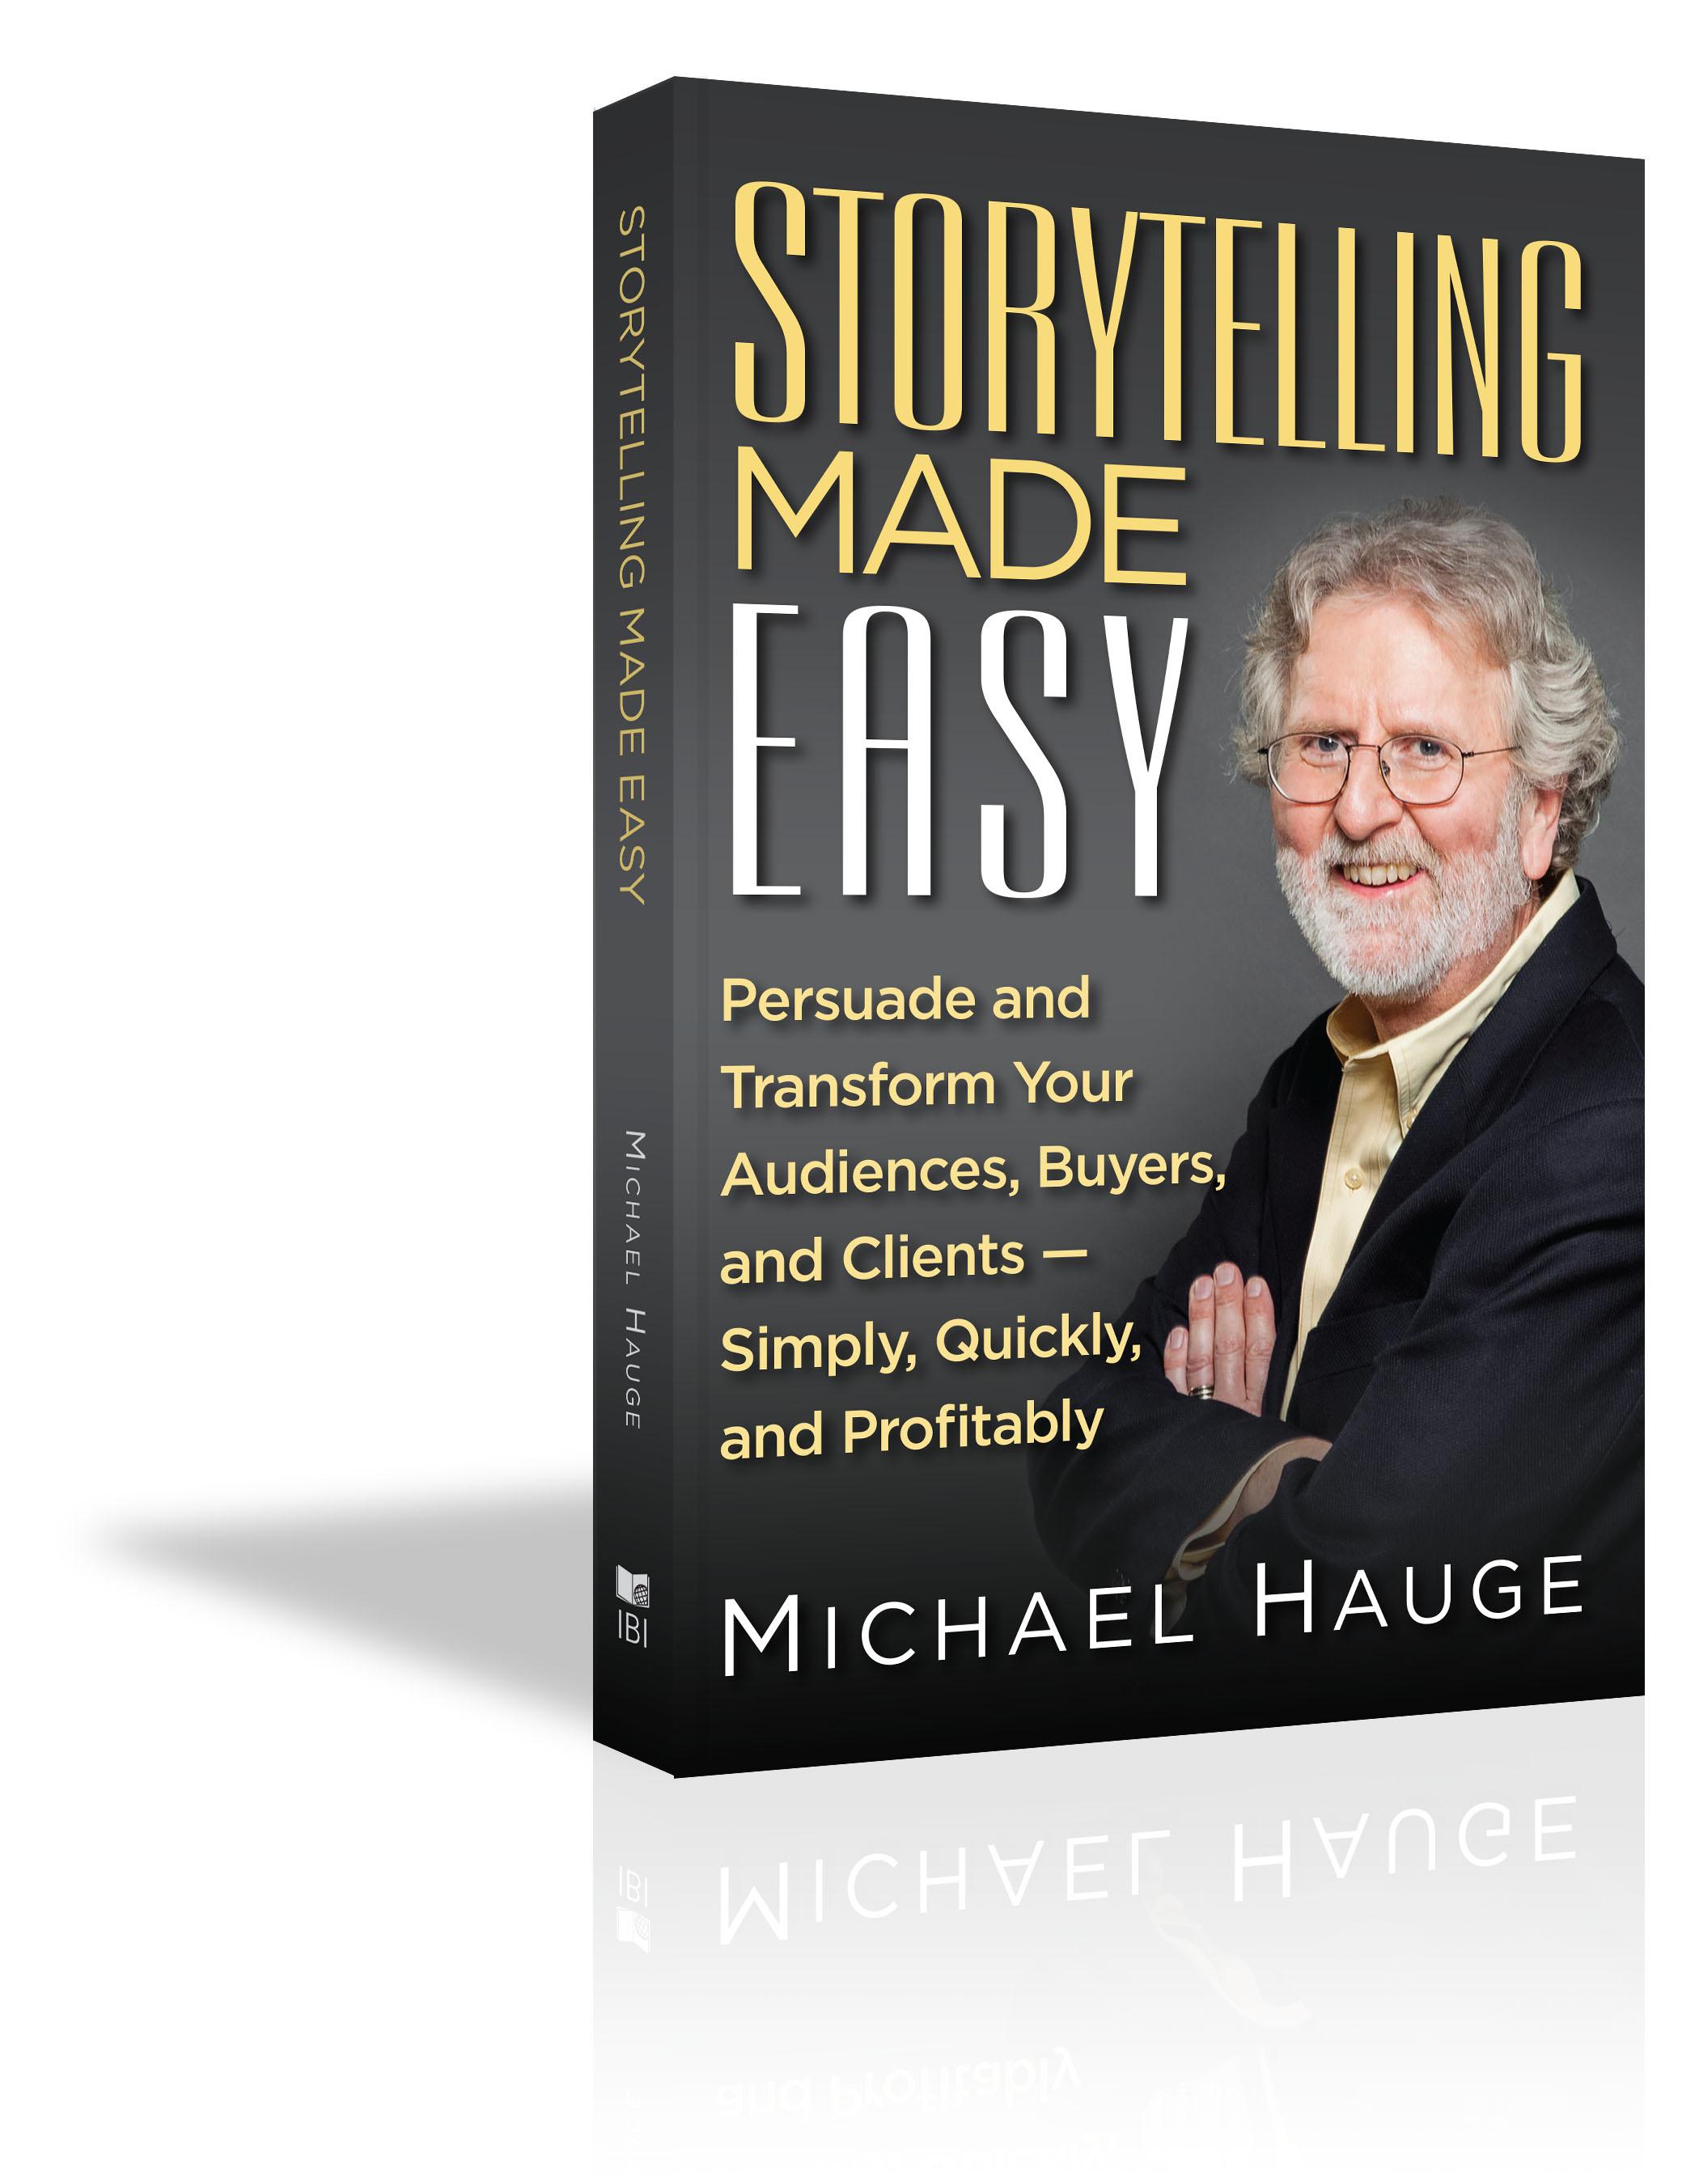 Storytelling Made Easy - Michael Hauge